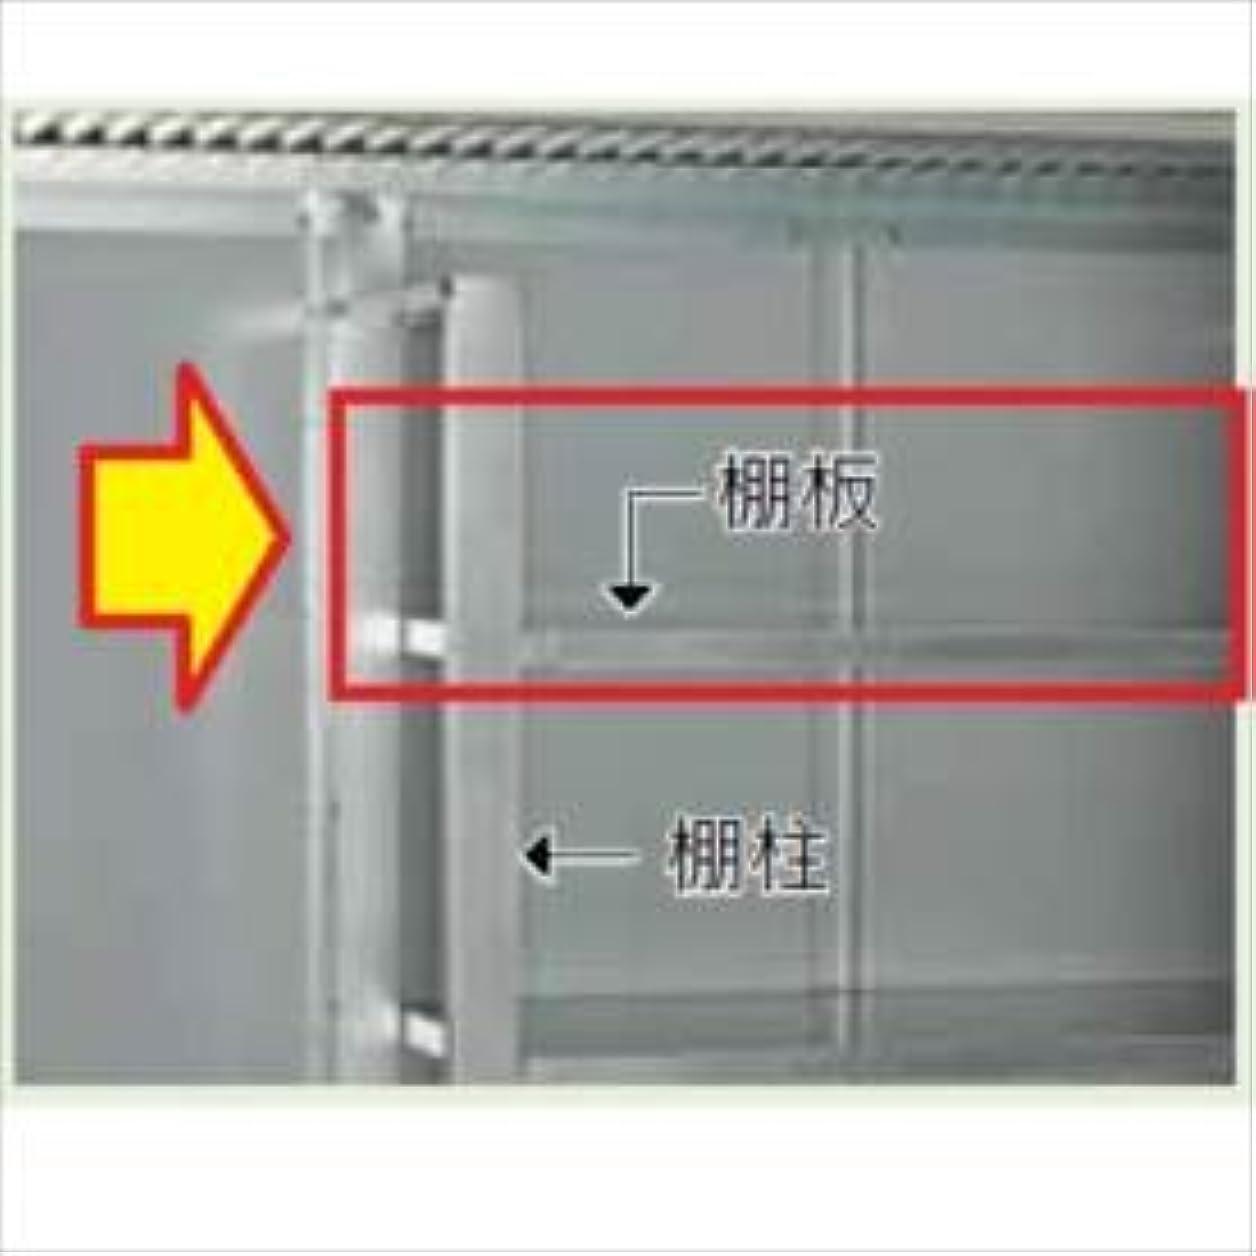 バッフル絞る瀬戸際サンキン物置 SKシリーズ共通棚板(1枚) (単体購入価格)